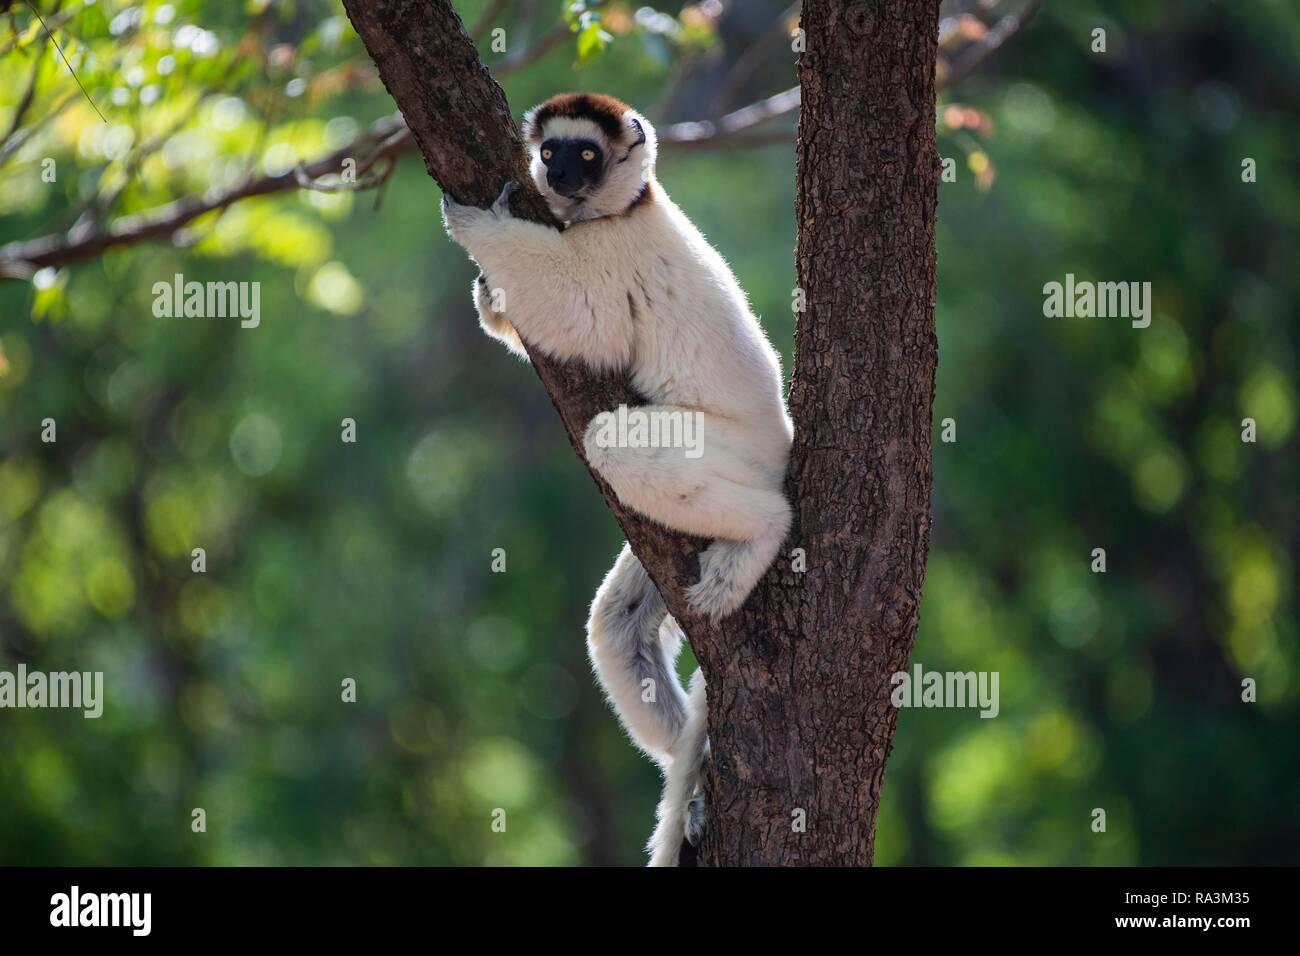 Le propithèque de verreaux (Propithecus verreauxi) se trouve dans la fourche de l'arbre en direction de la réserve naturelle de Berenty, l'Androy, salon, Madagascar Photo Stock